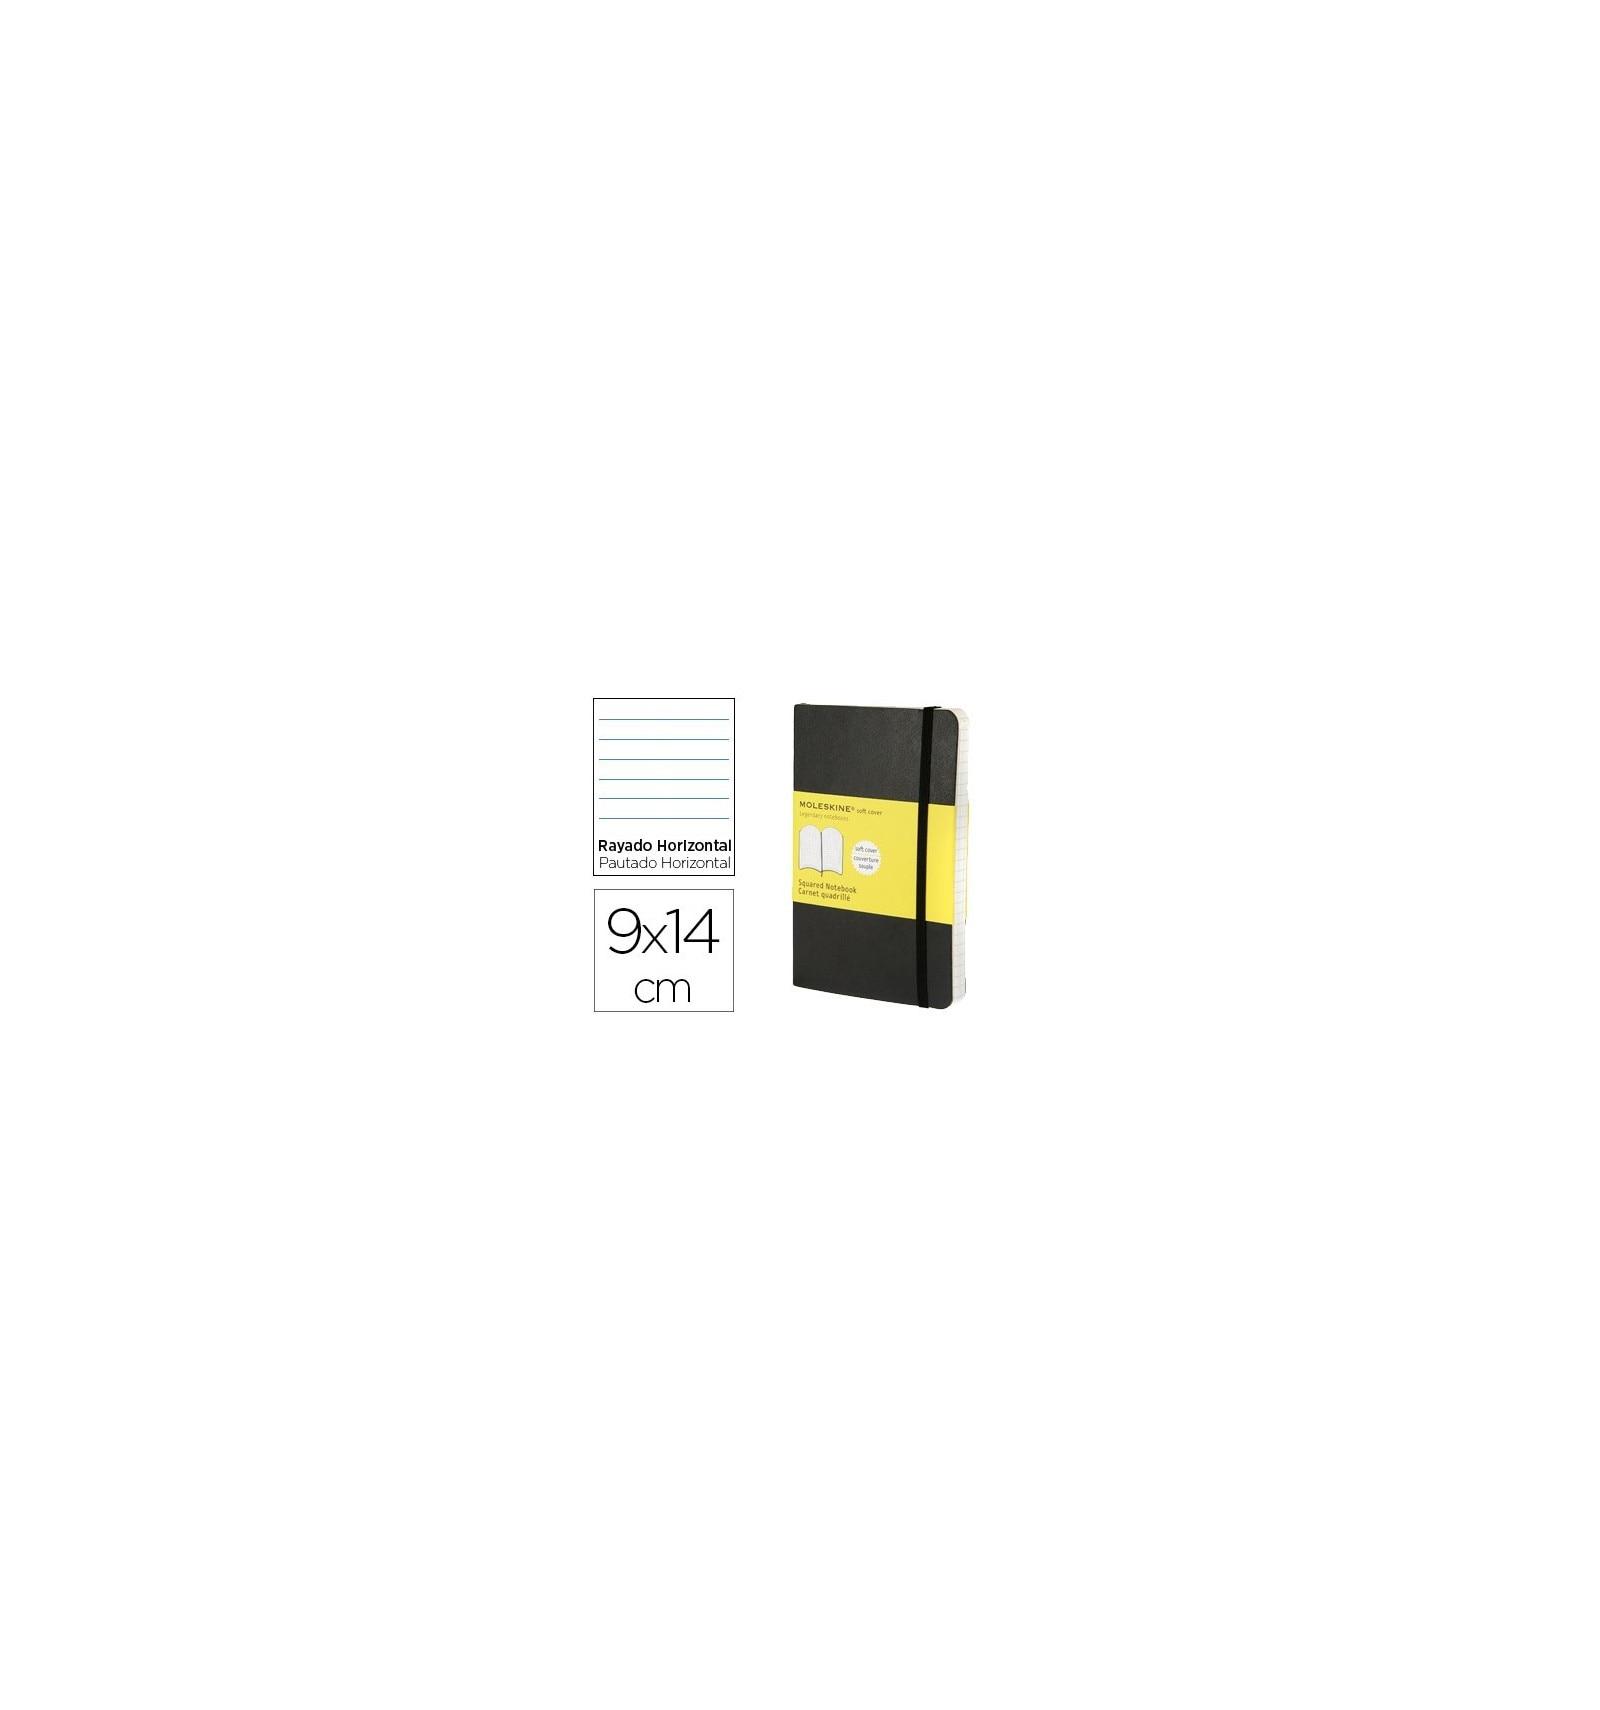 Moleskine caderno capa dura horizontal listrado 192 folhas cor preta fechamento com borracha 90x140mm